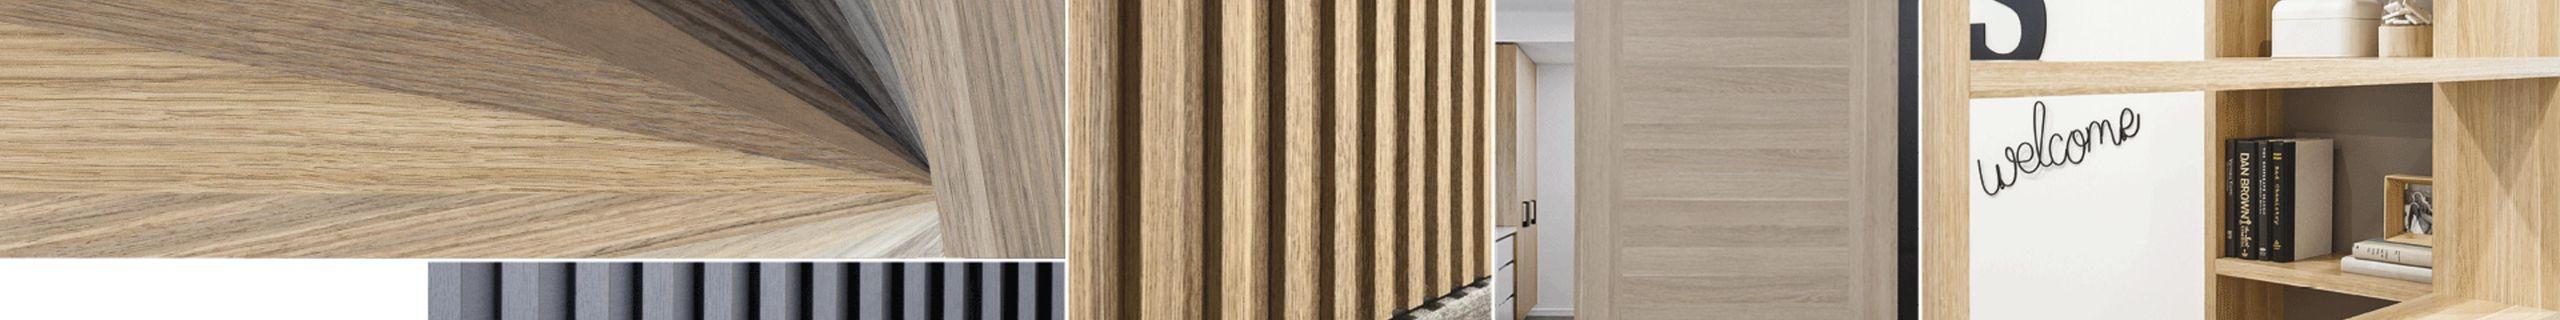 Assorted wooden textures